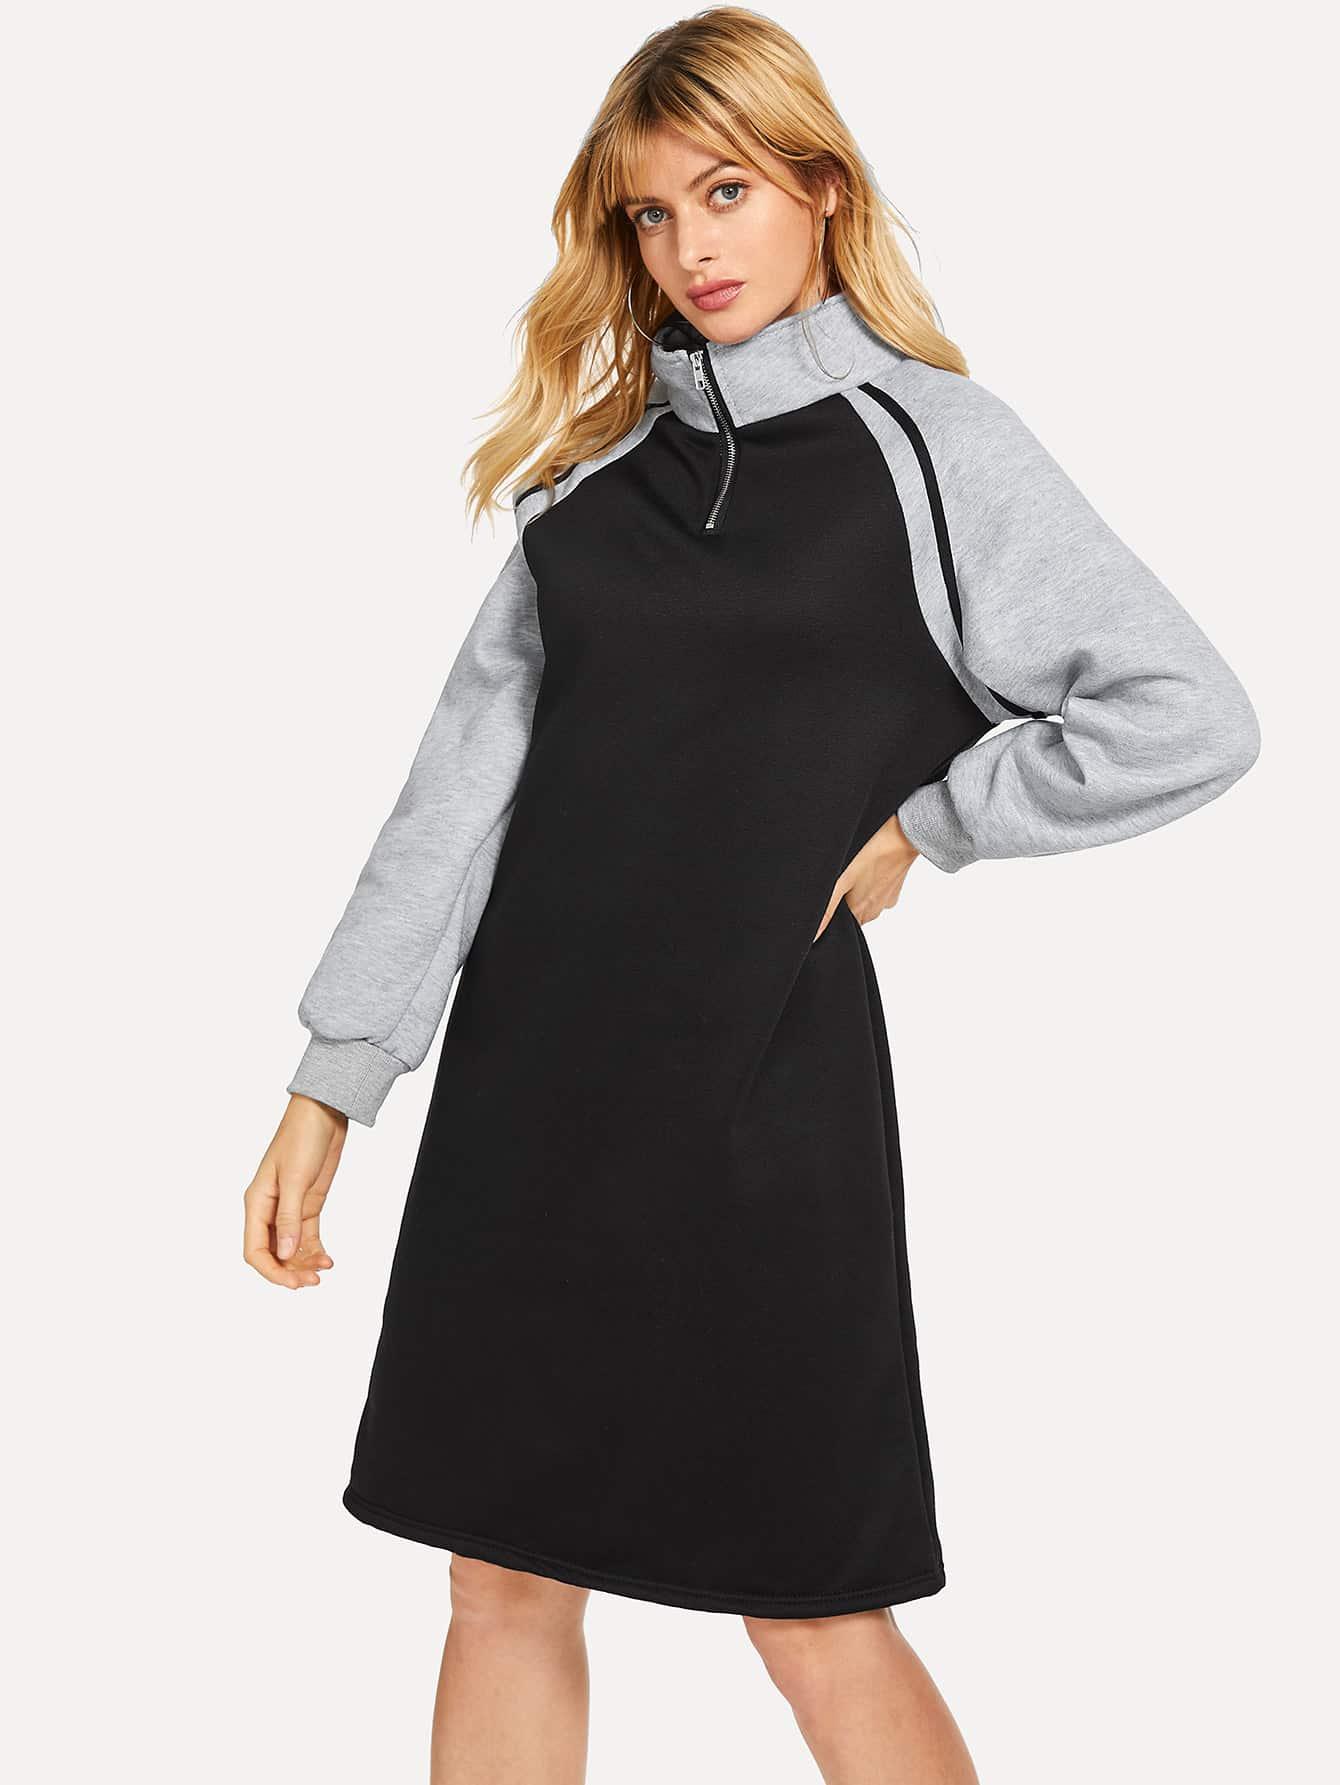 Купить Платье-свитшот с застёжкой молния и рукав-регланами, Masha, SheIn